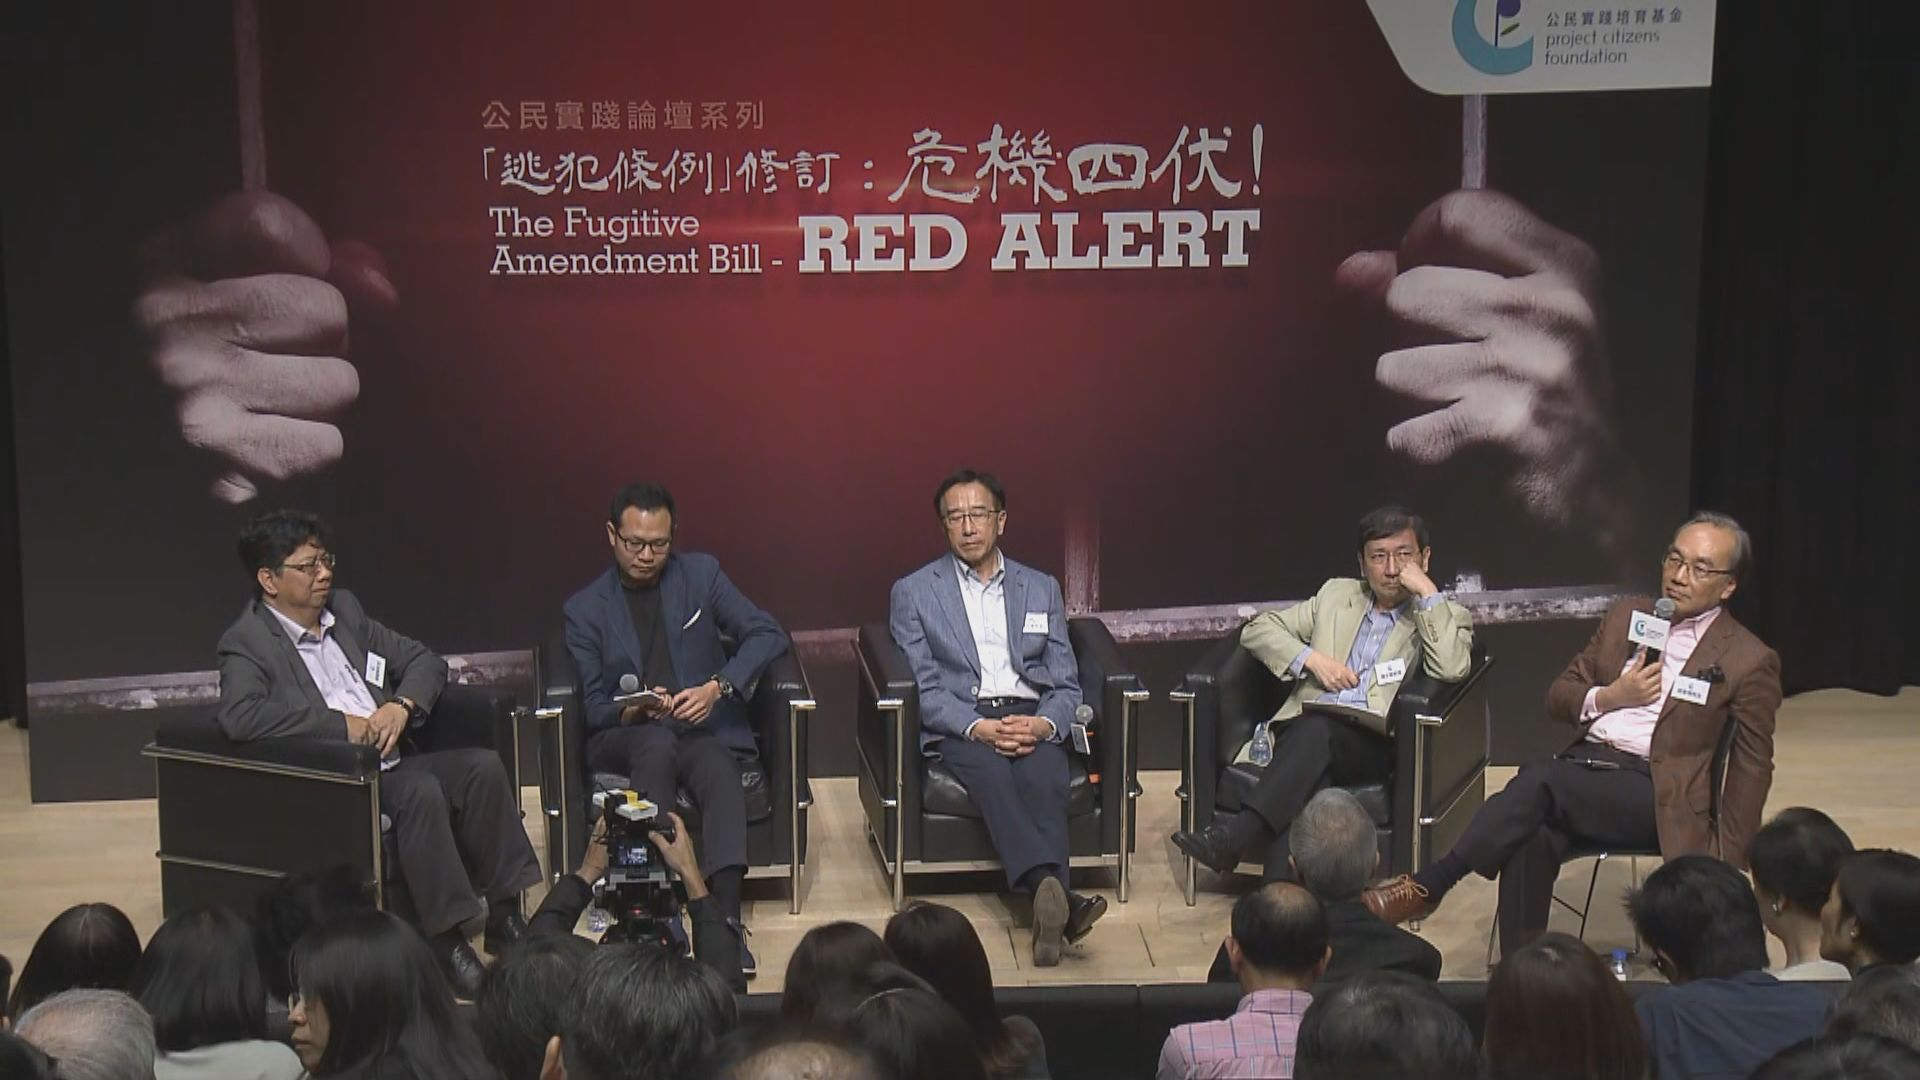 陳文敏:只向有簽訂國際人權公約的國家移交逃犯